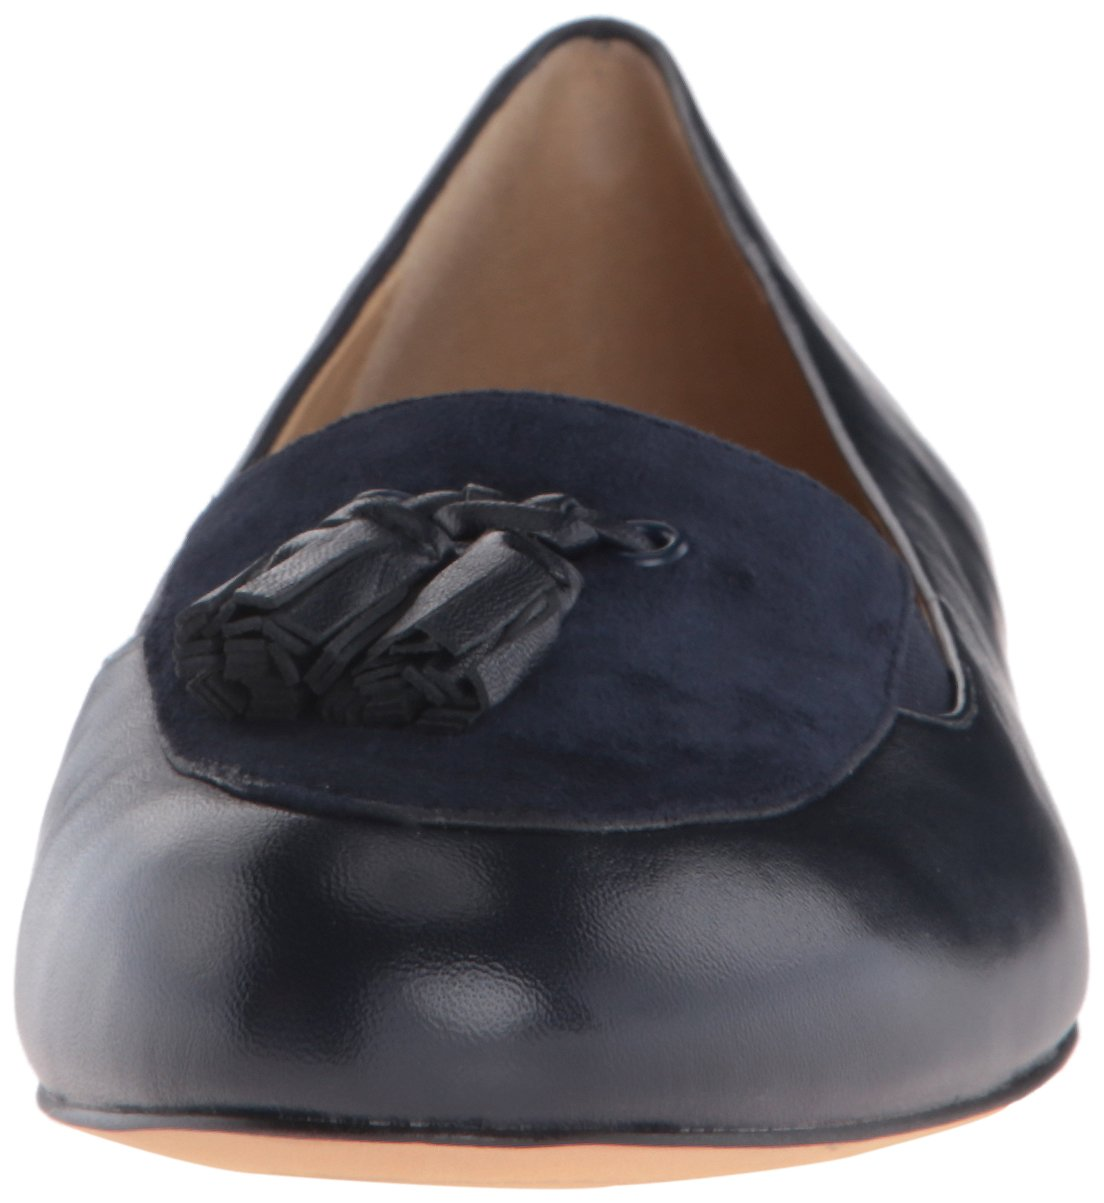 Trotters Women's Caroline Ballet Flat B019R1ZI3Q 11 N US Navy Suede